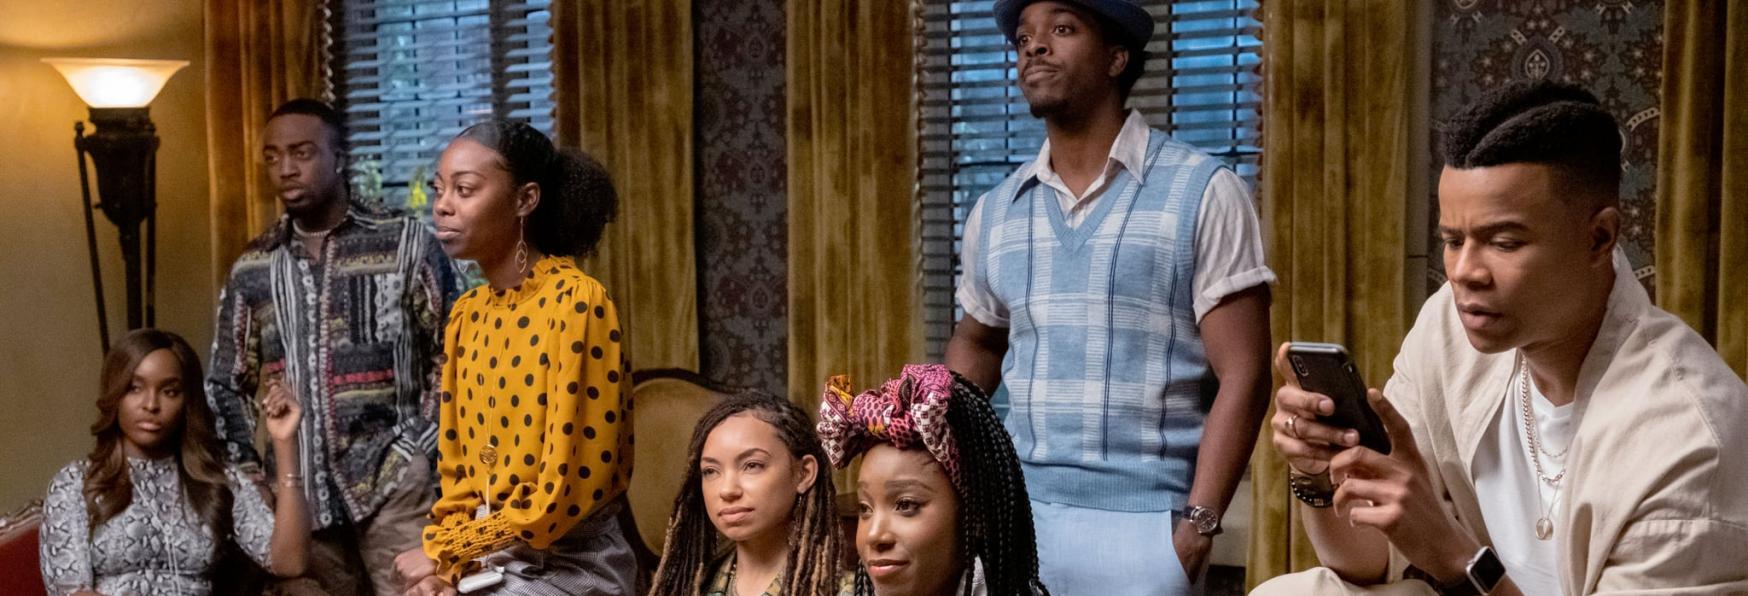 Dear White People: pubblicato il Trailer del 4° Volume della Serie TV targata Netflix